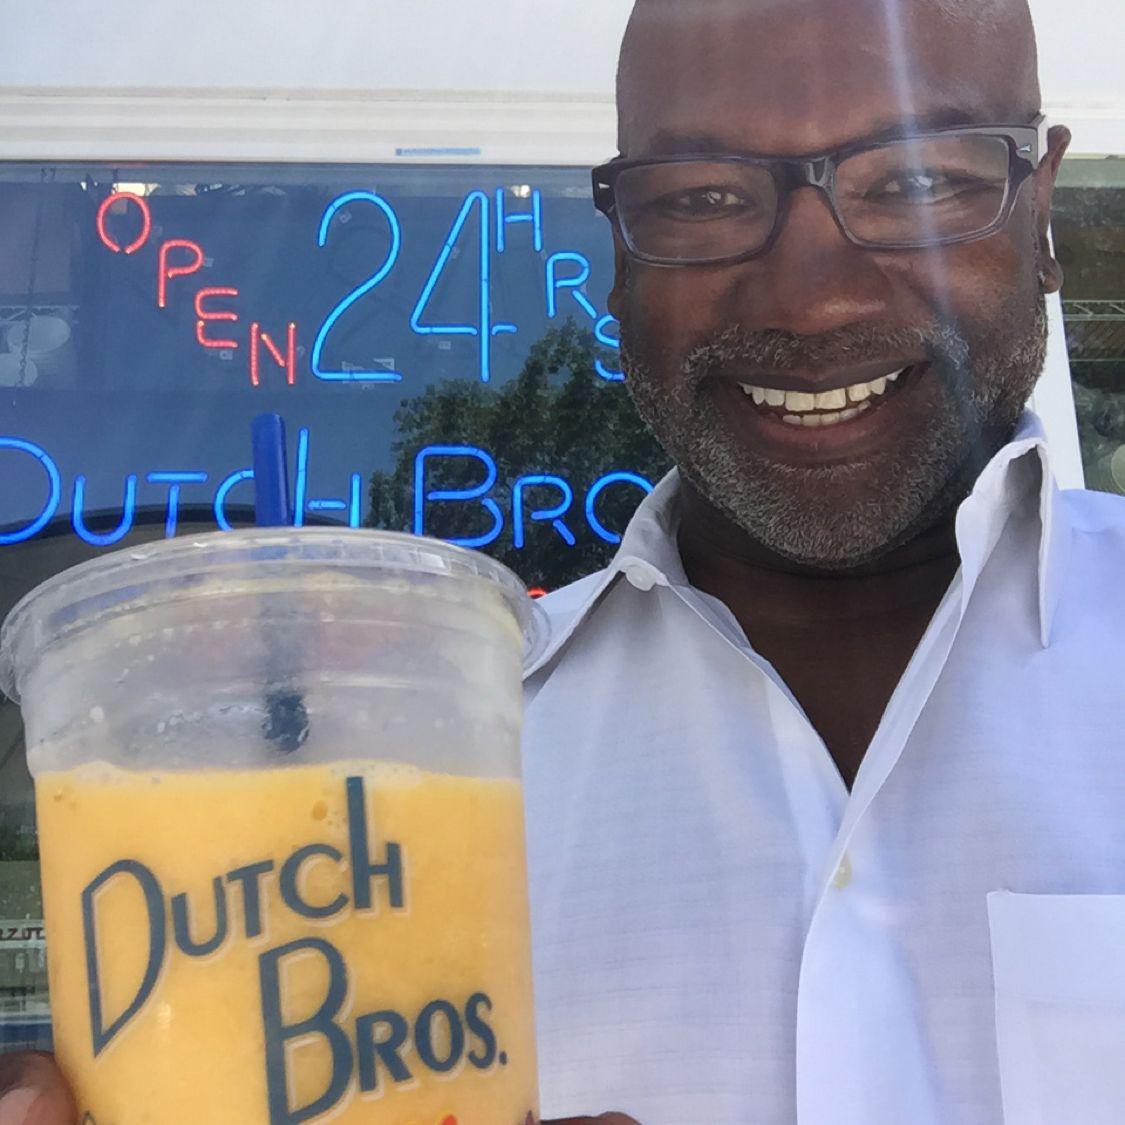 Dutch bros coffee dutch bros bros dutch